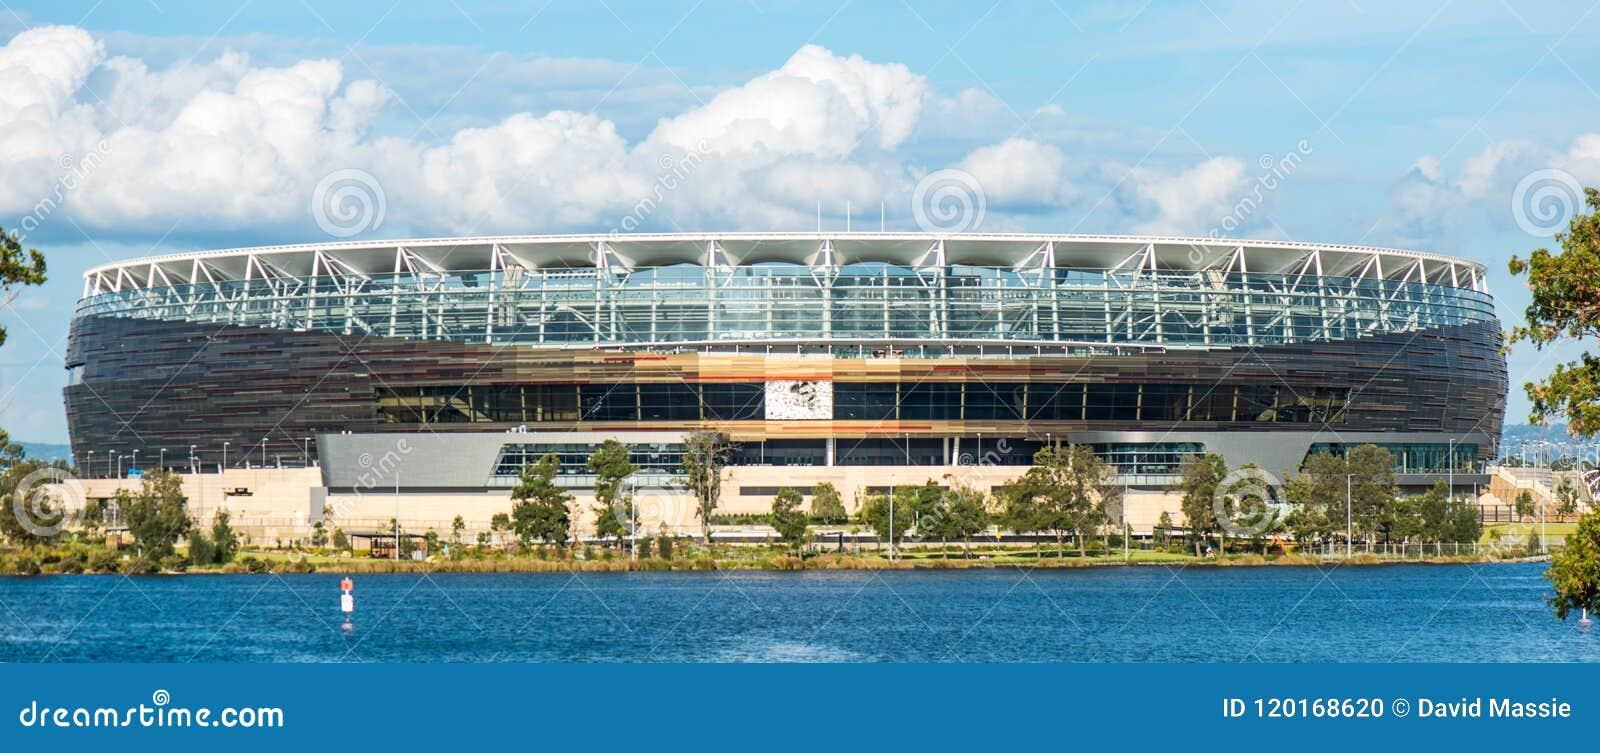 Новый футбольный стадион в западном австралийце